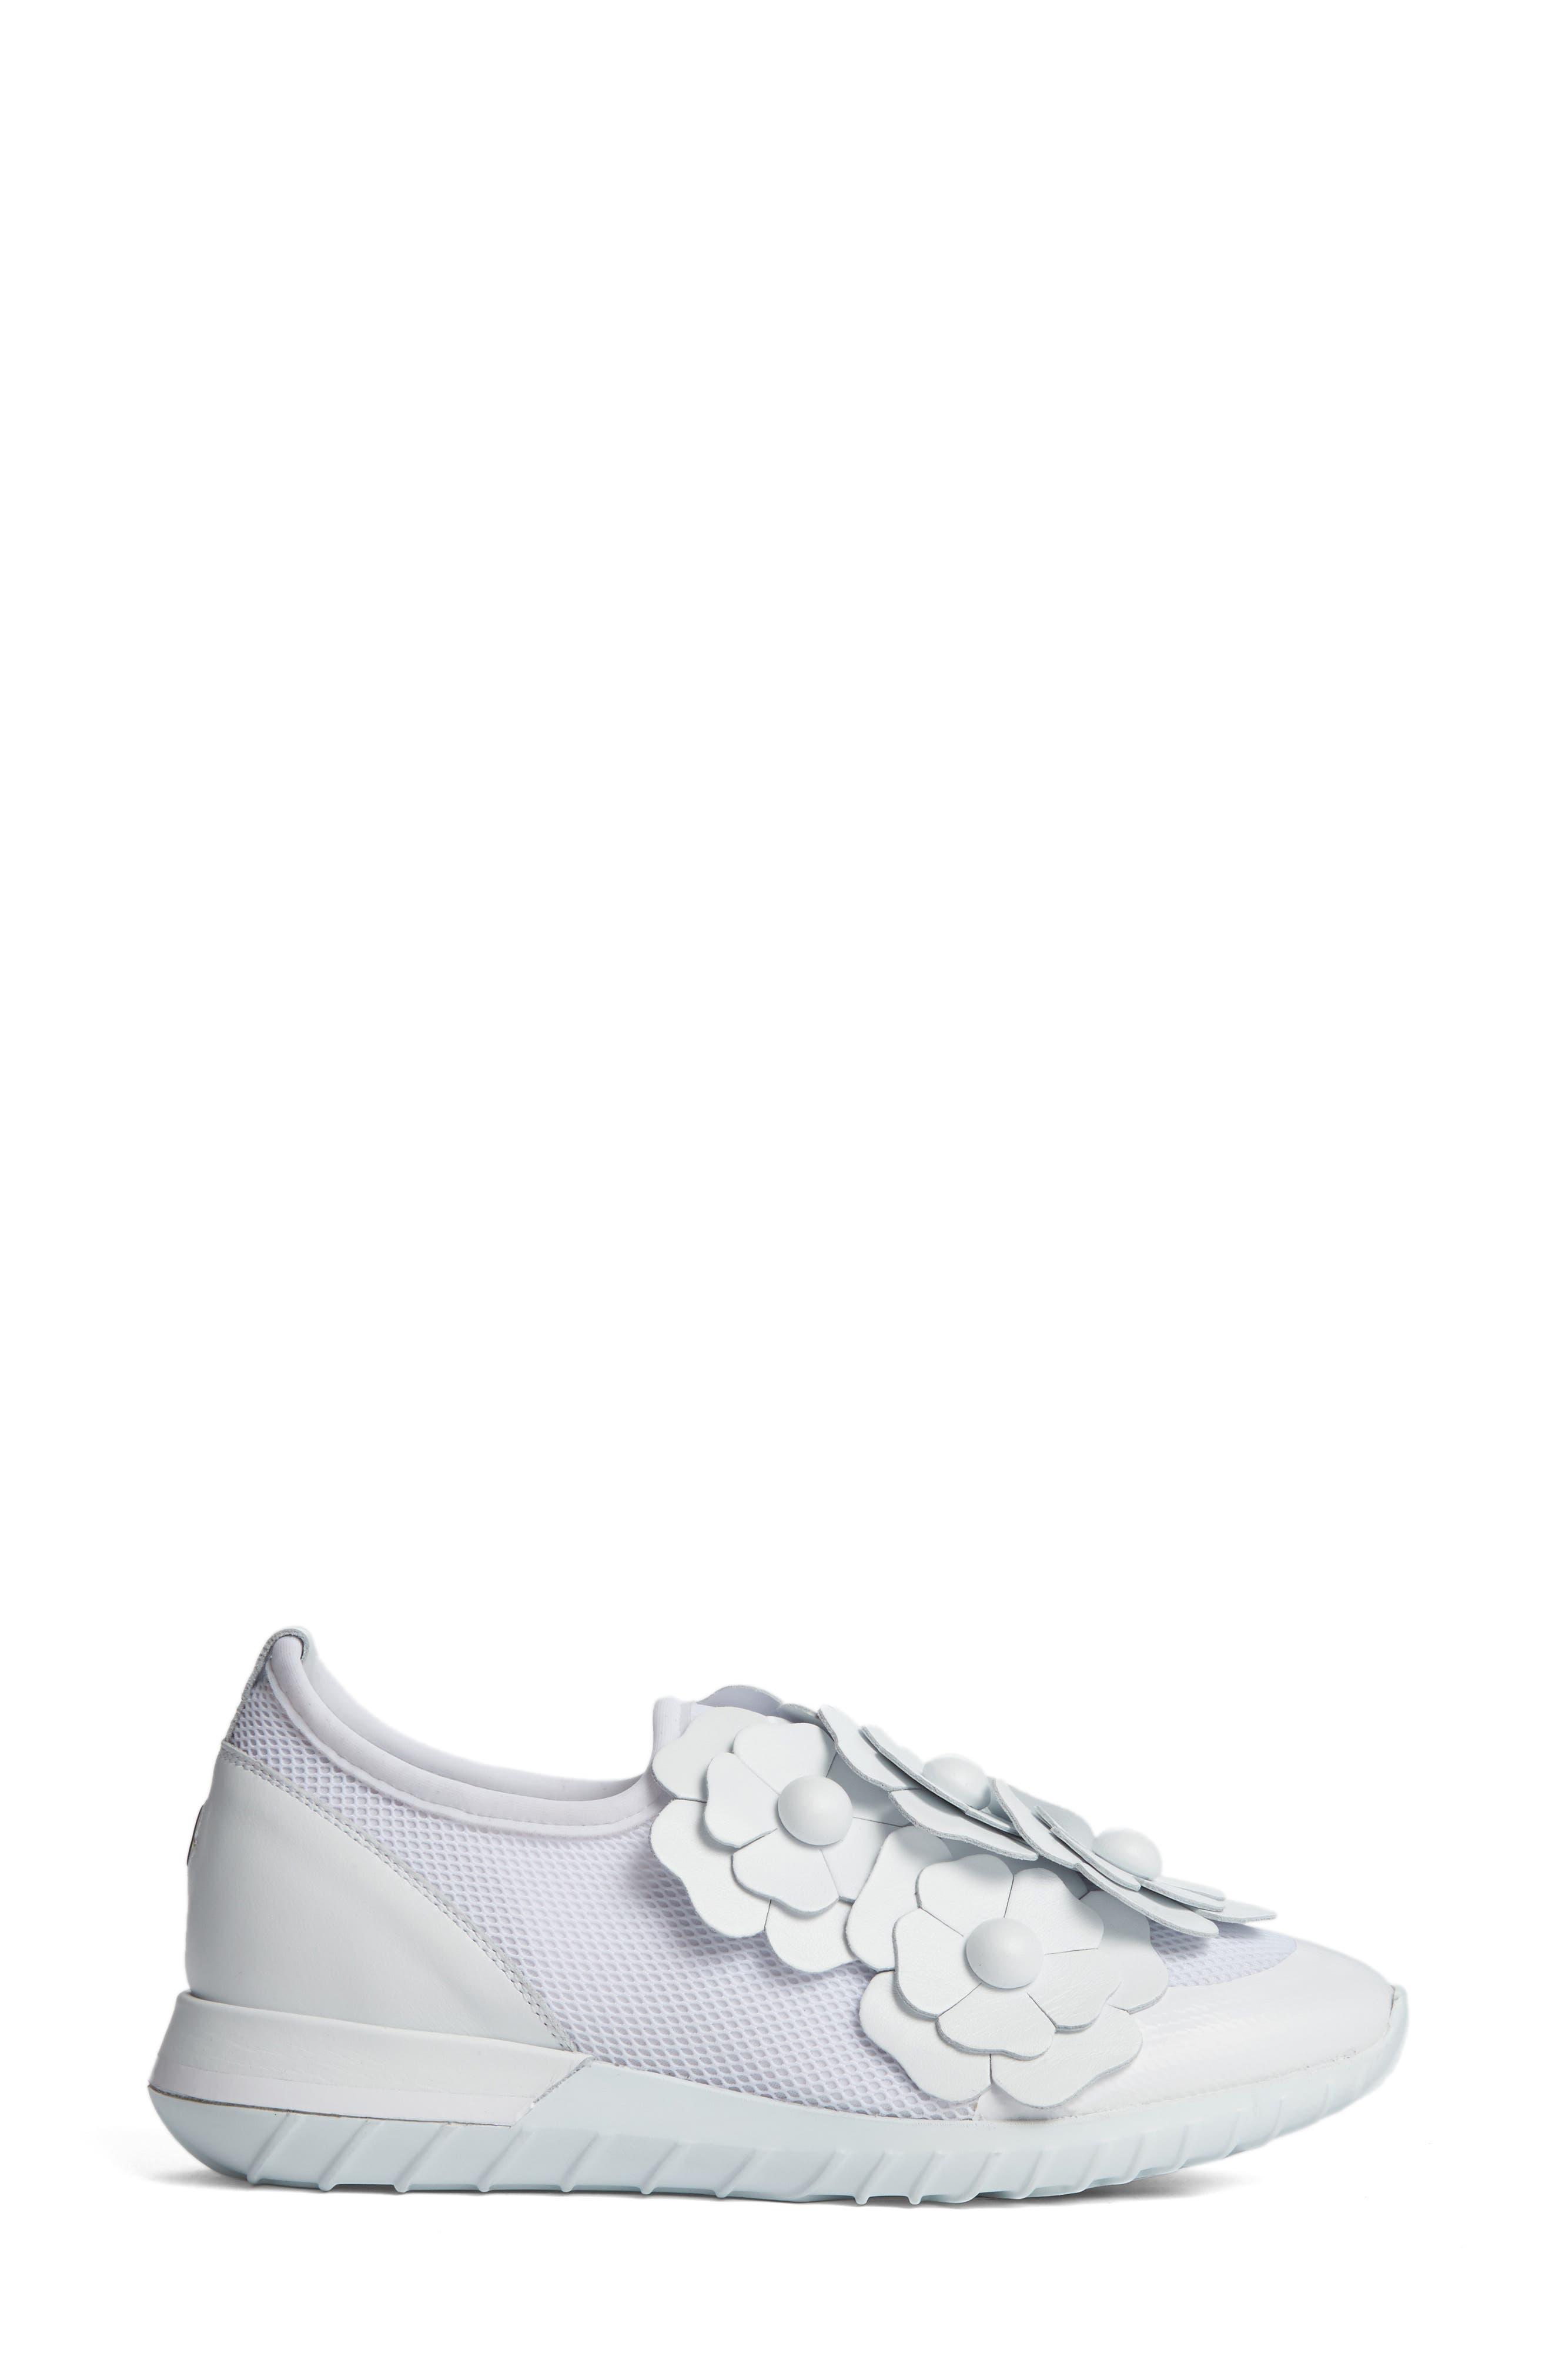 Emy Roseline Slip-On Sneaker,                             Alternate thumbnail 4, color,